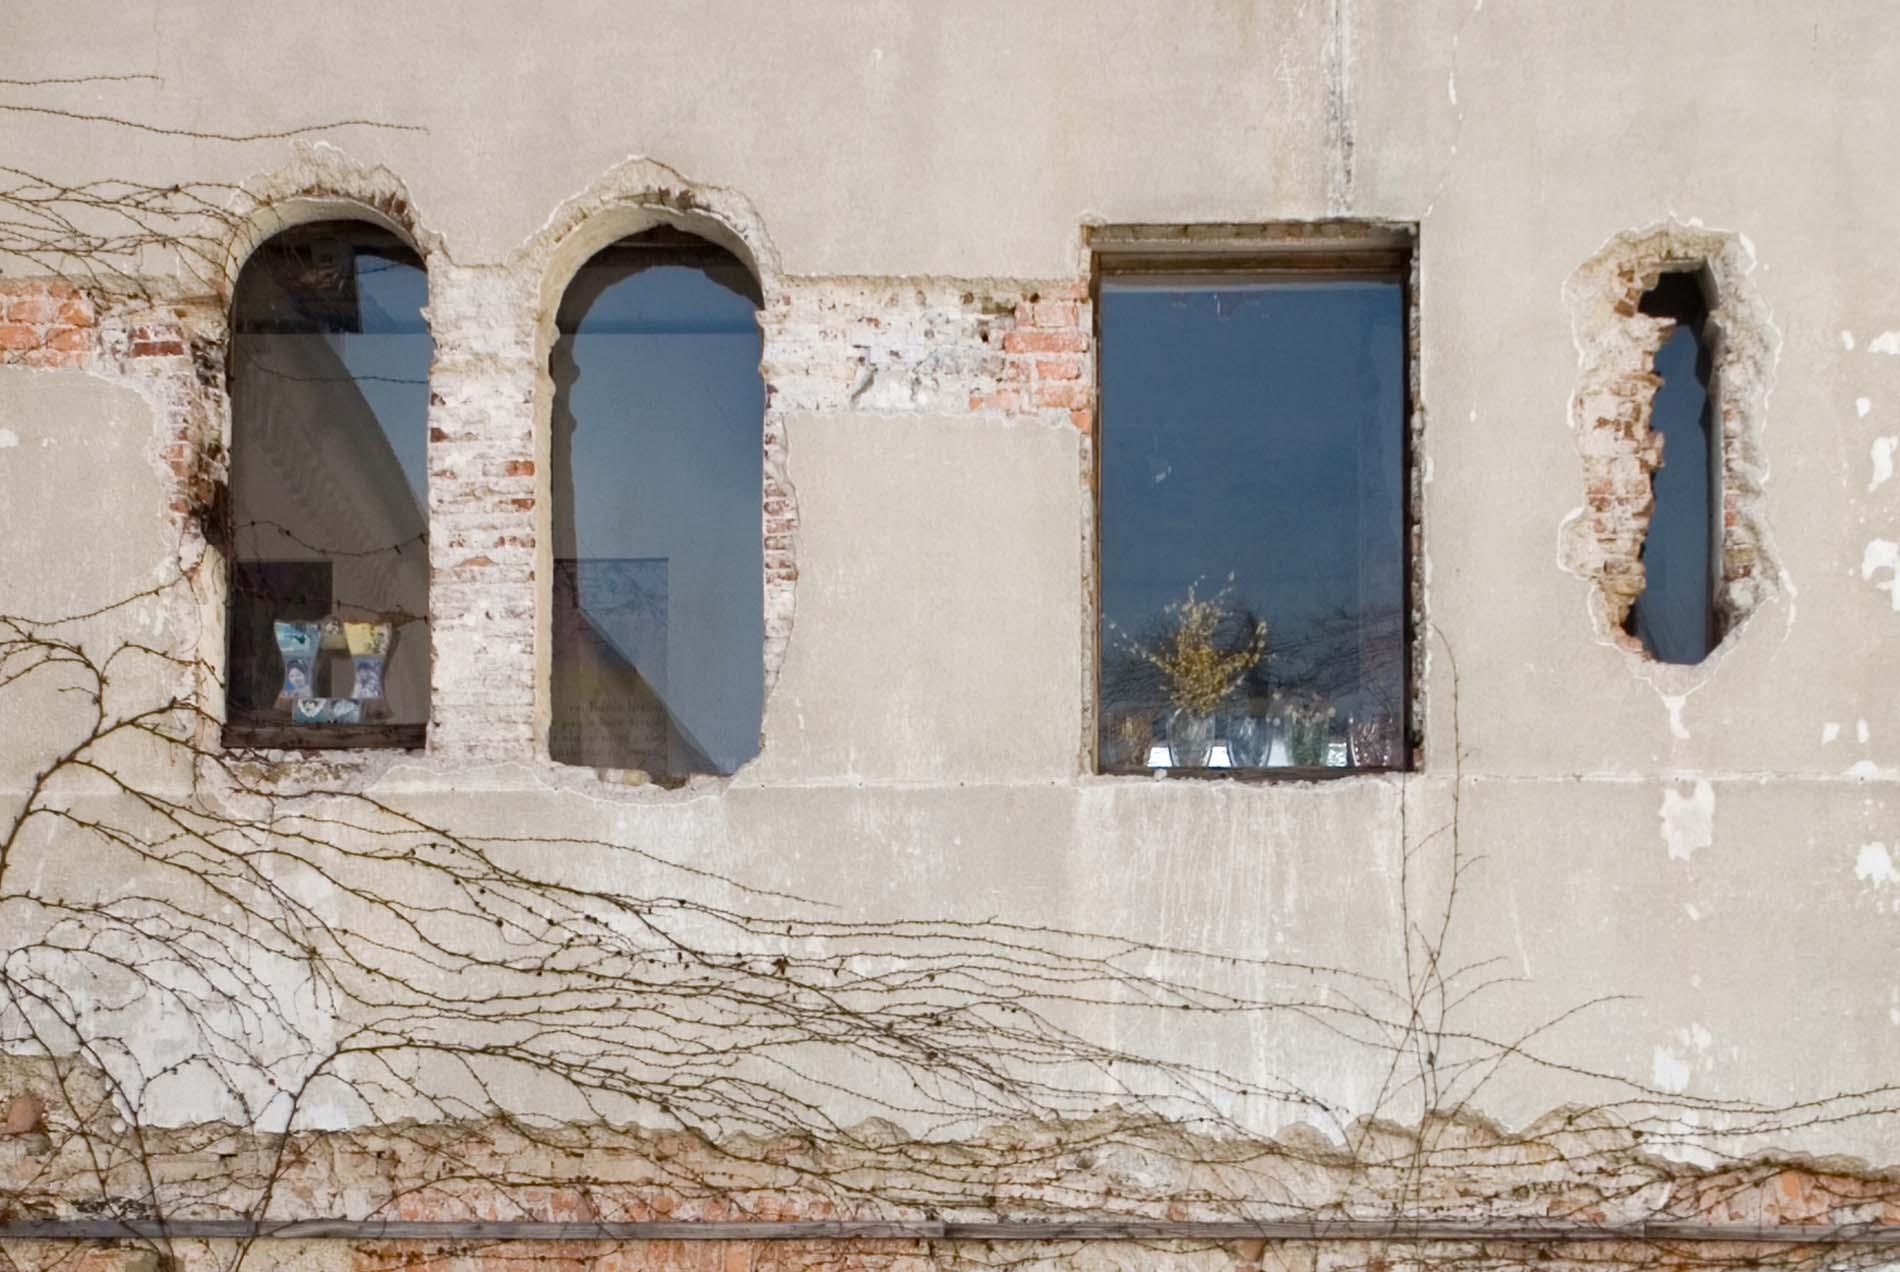 Erneuert. Nach der Zerstörung Ljubljanas 1895 durch ein verheerendes Erdbeben wurden mehrere Architekten aus Slowenien und Österreich mit der Neugestaltung beauftragt, darunter Maks Fabiani und Ivan Vurnik.